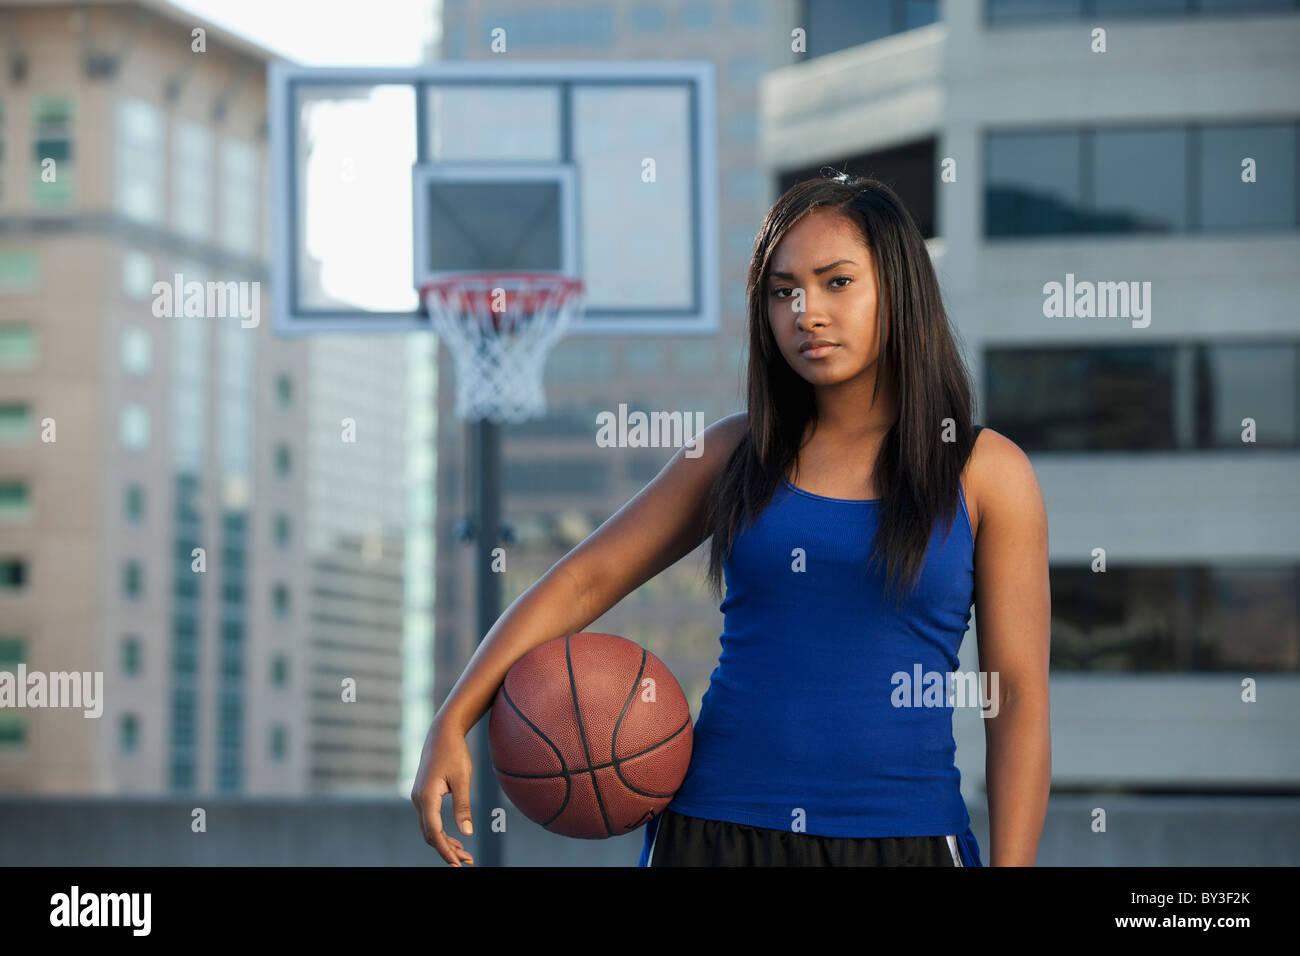 USA, Utah, Salt Lake City, young woman holding basket-ball Photo Stock